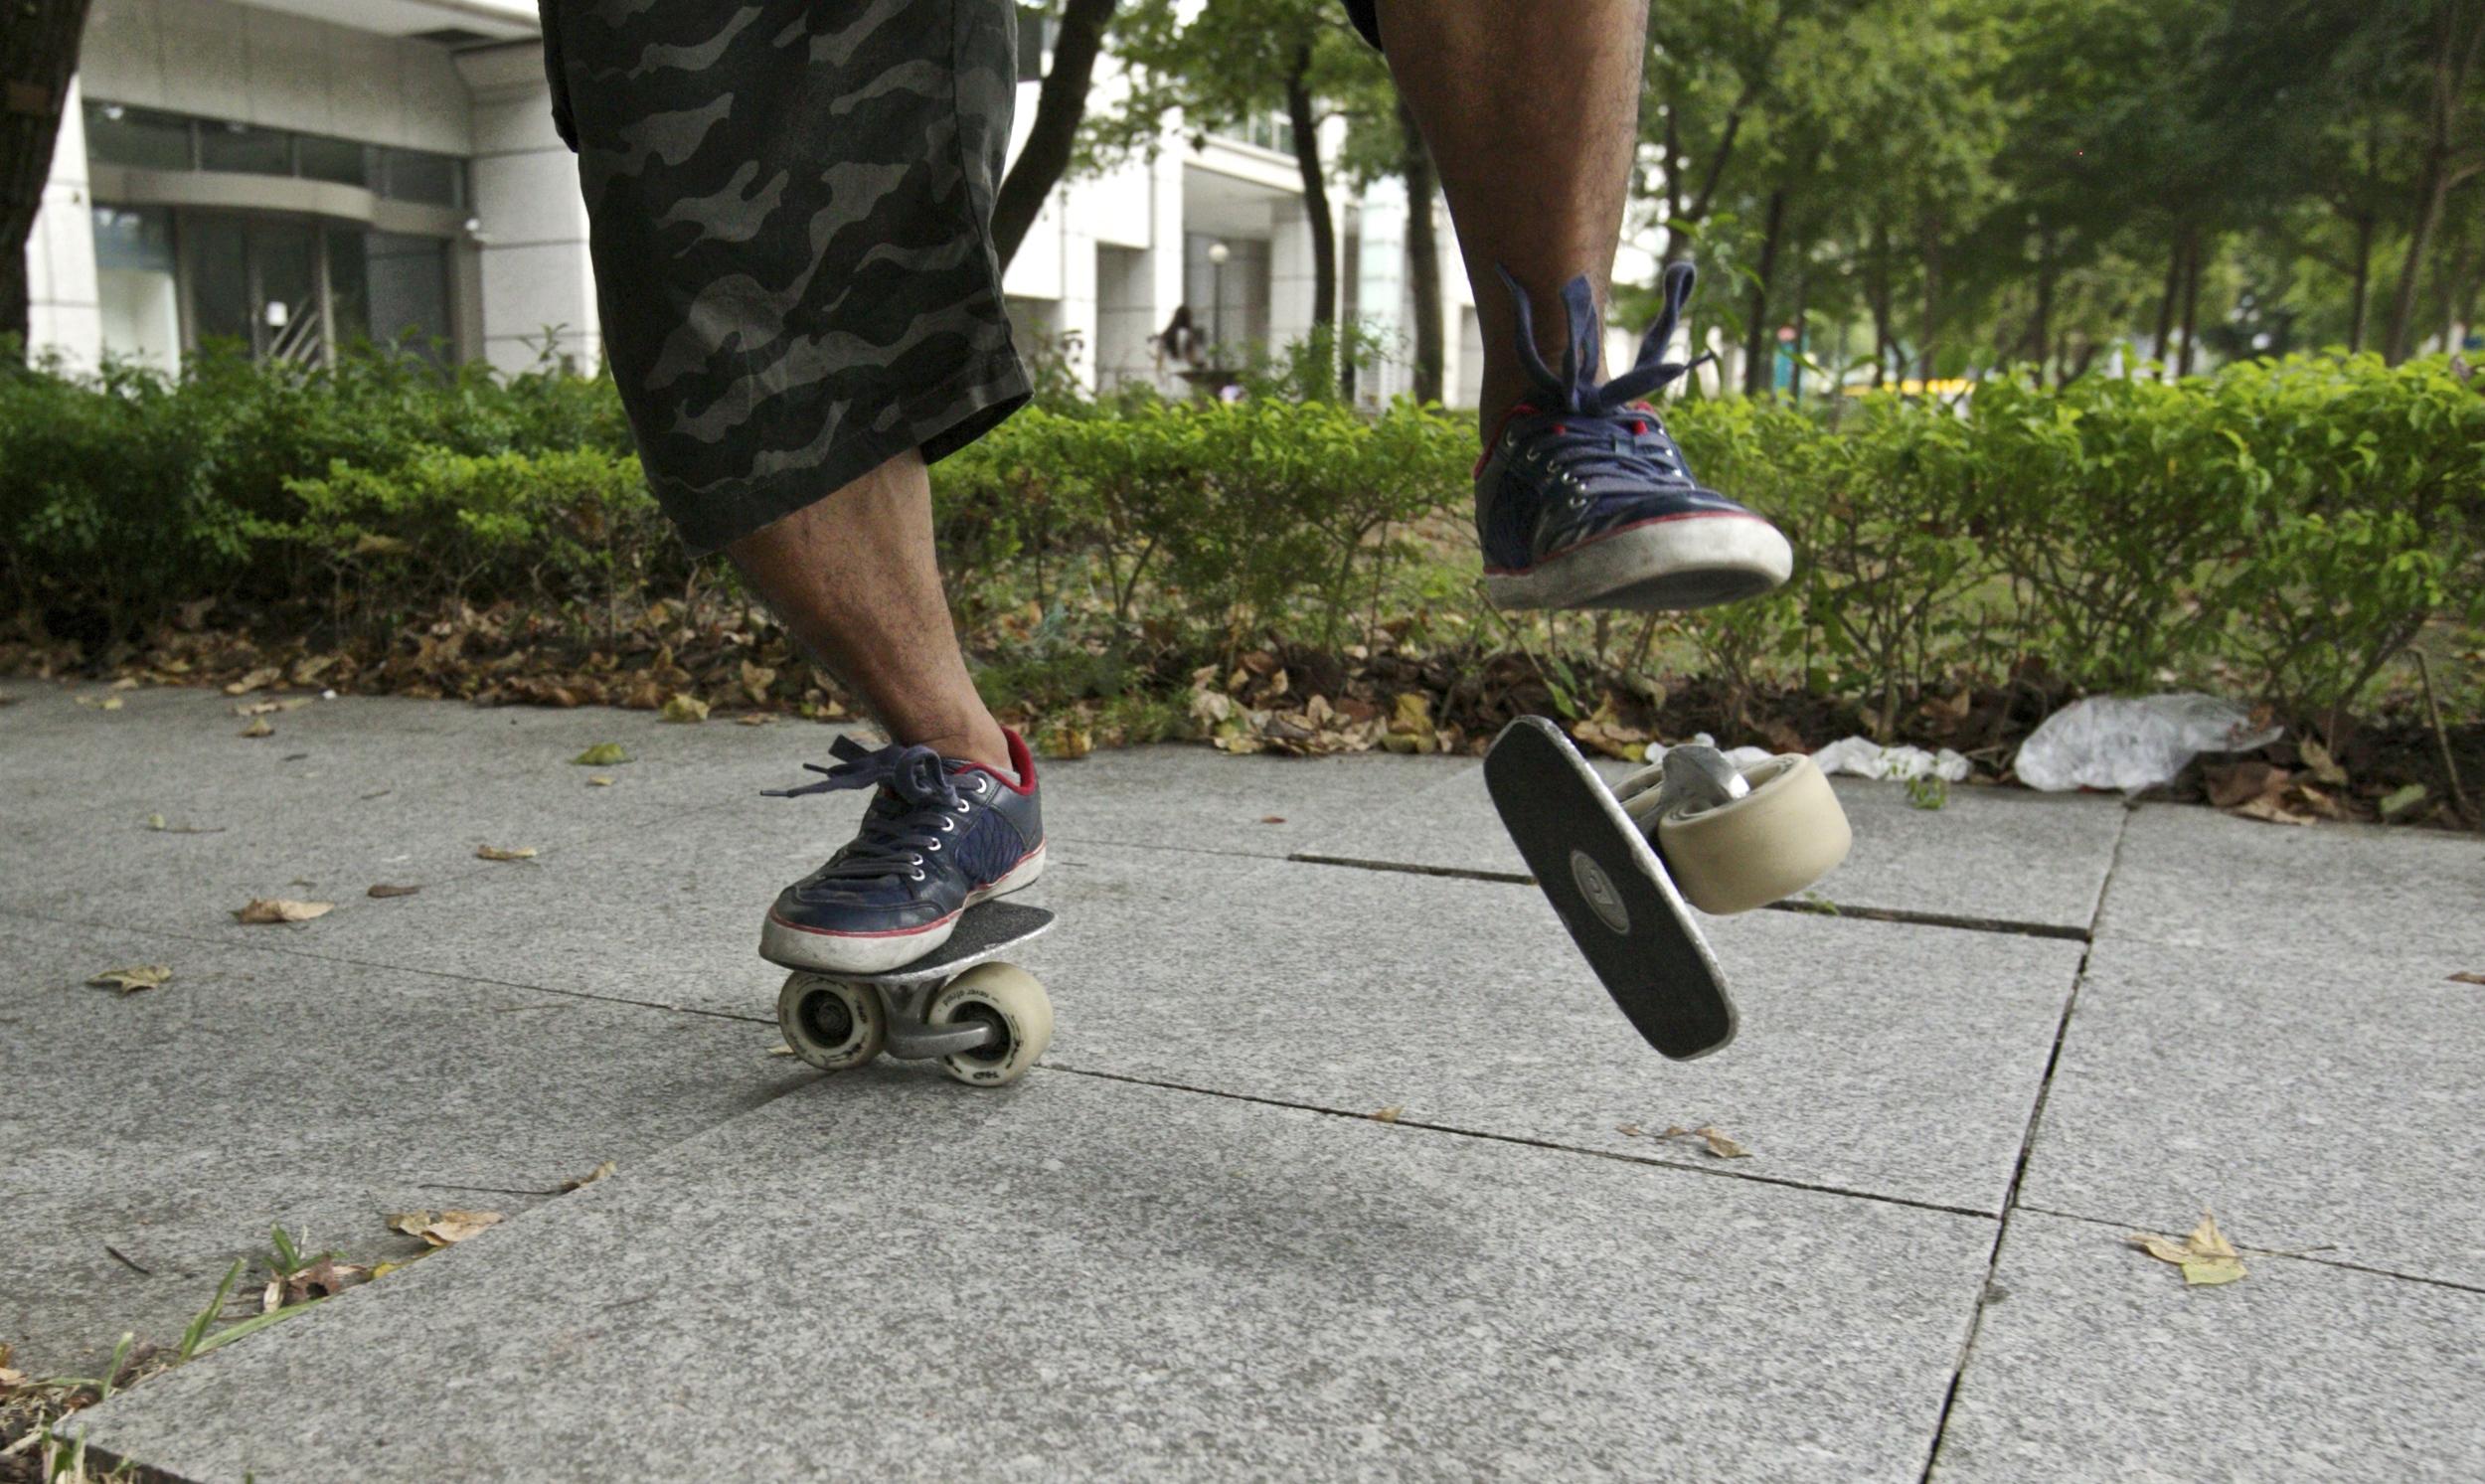 Ini dia Gansis Skate Unik Abad ke 21!